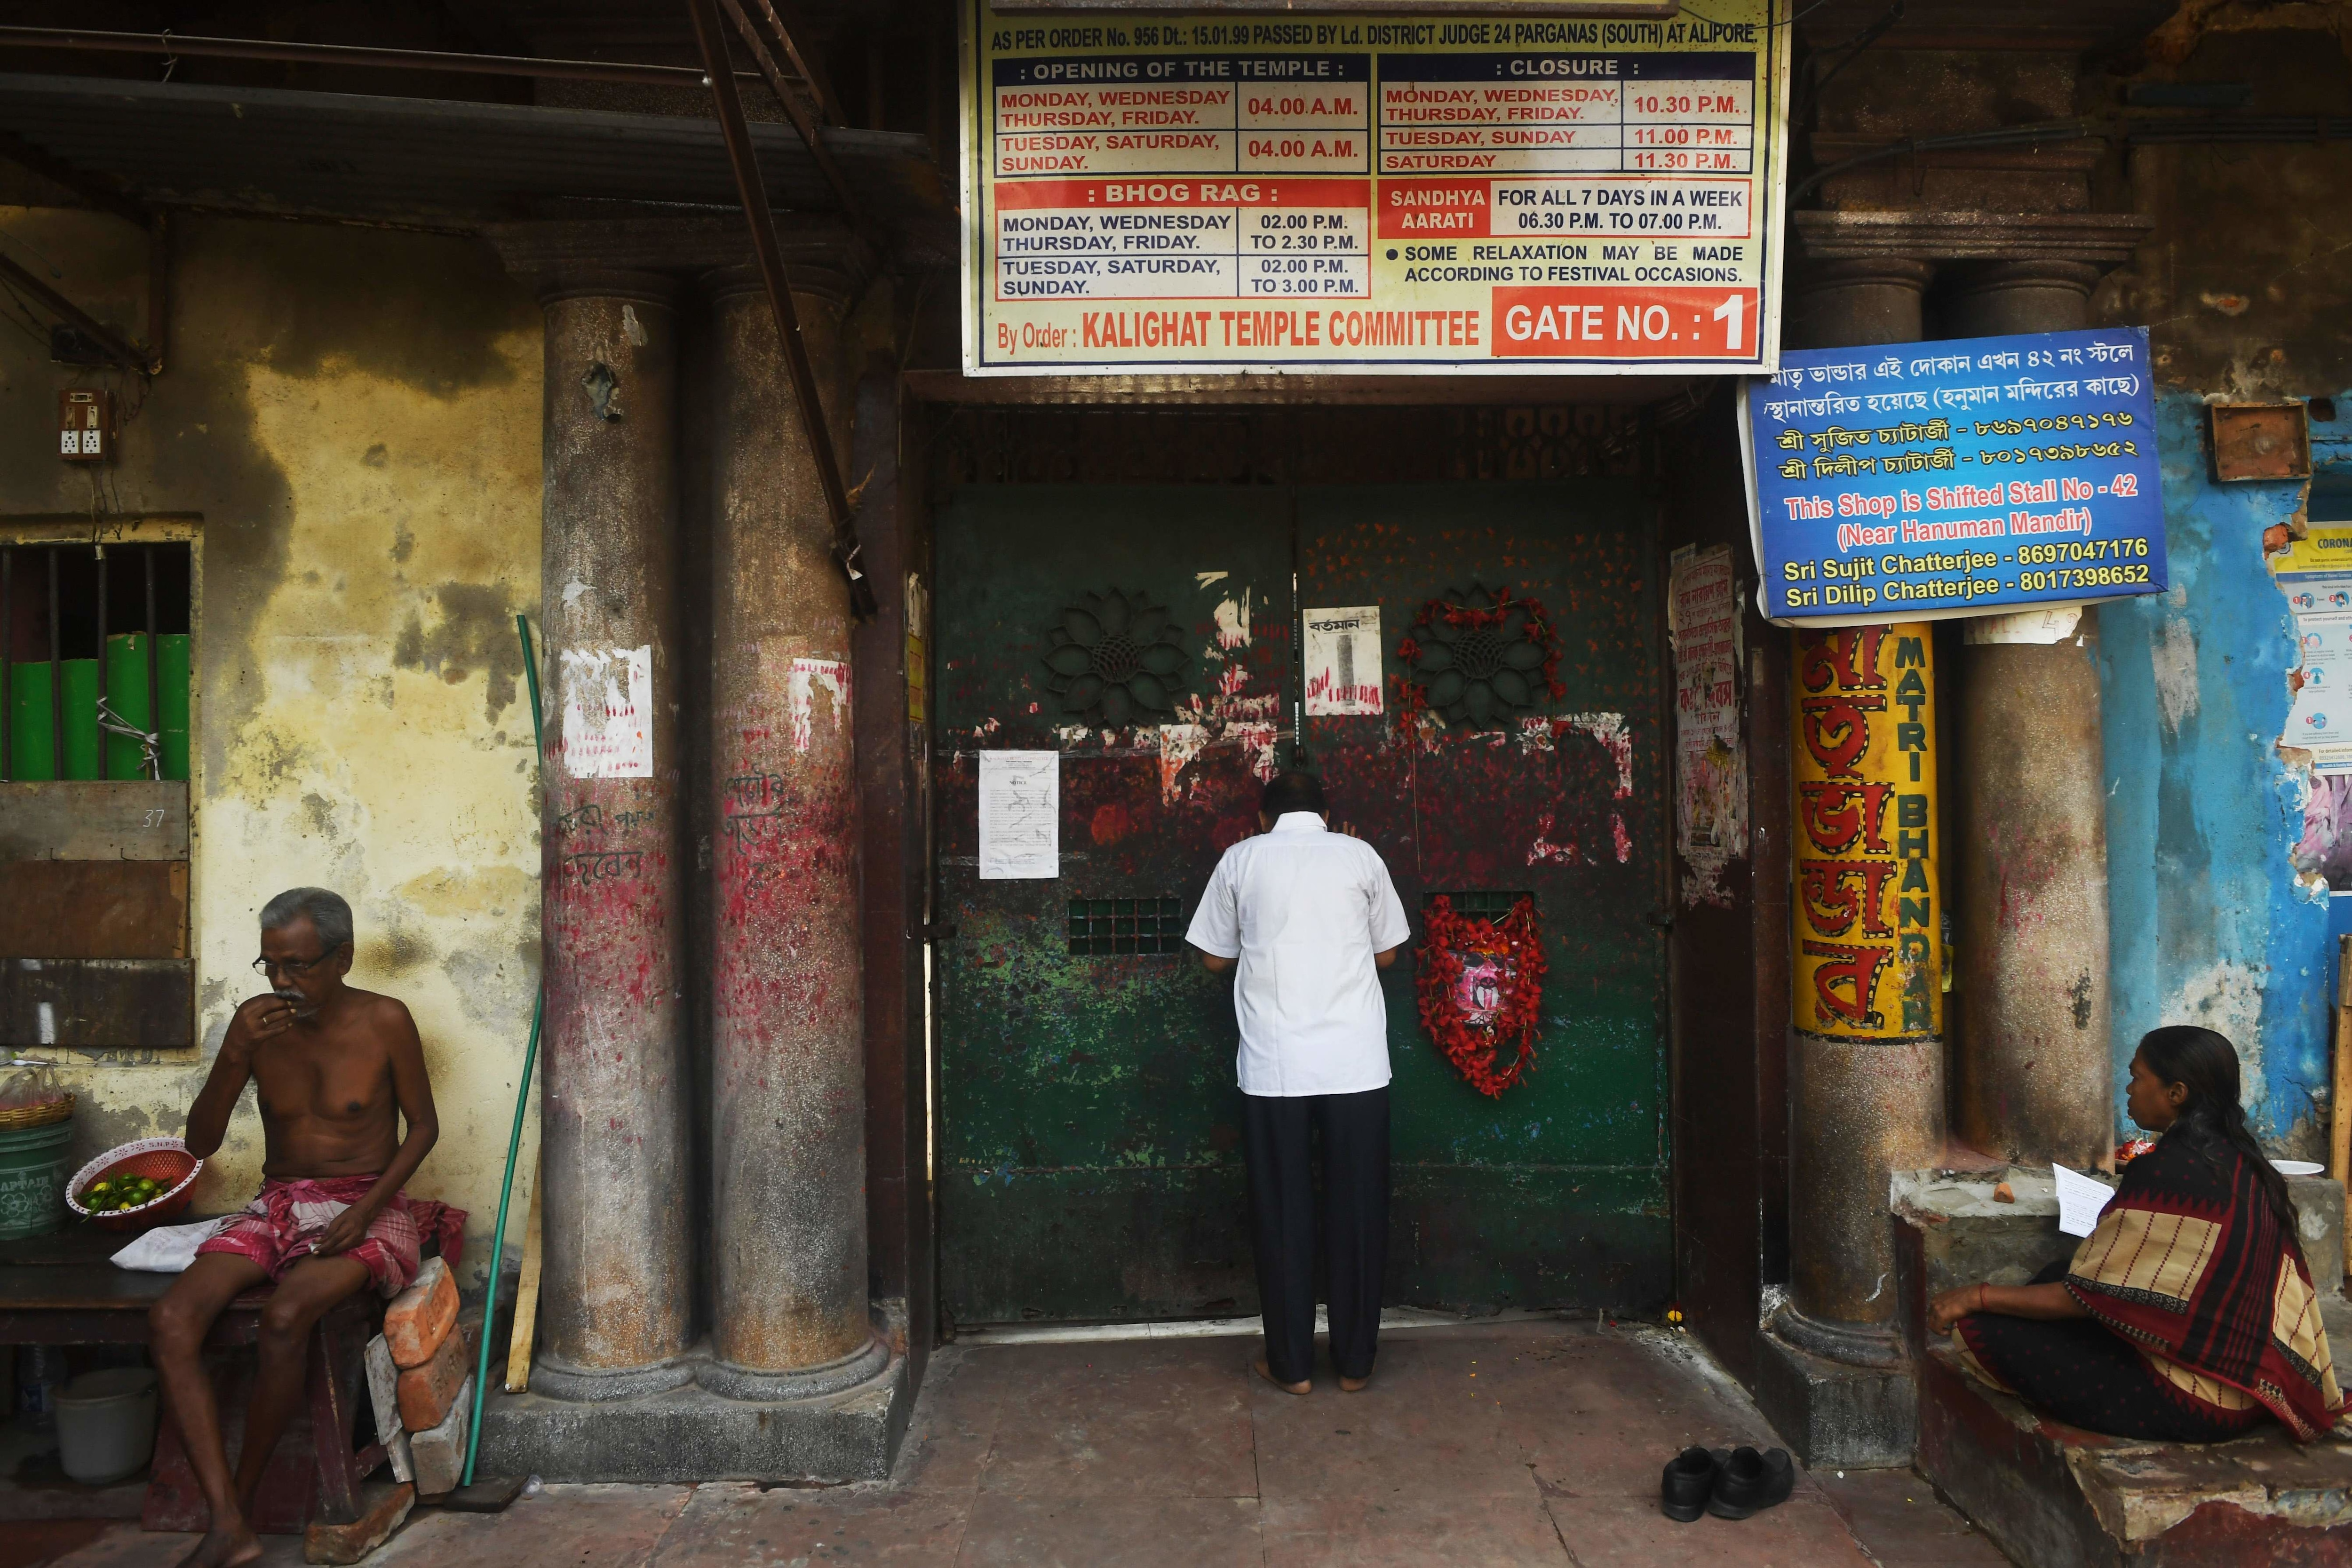 বন্ধ থাকবে ধর্মীয় স্থান। (ছবি সৌজন্য এএফপি)